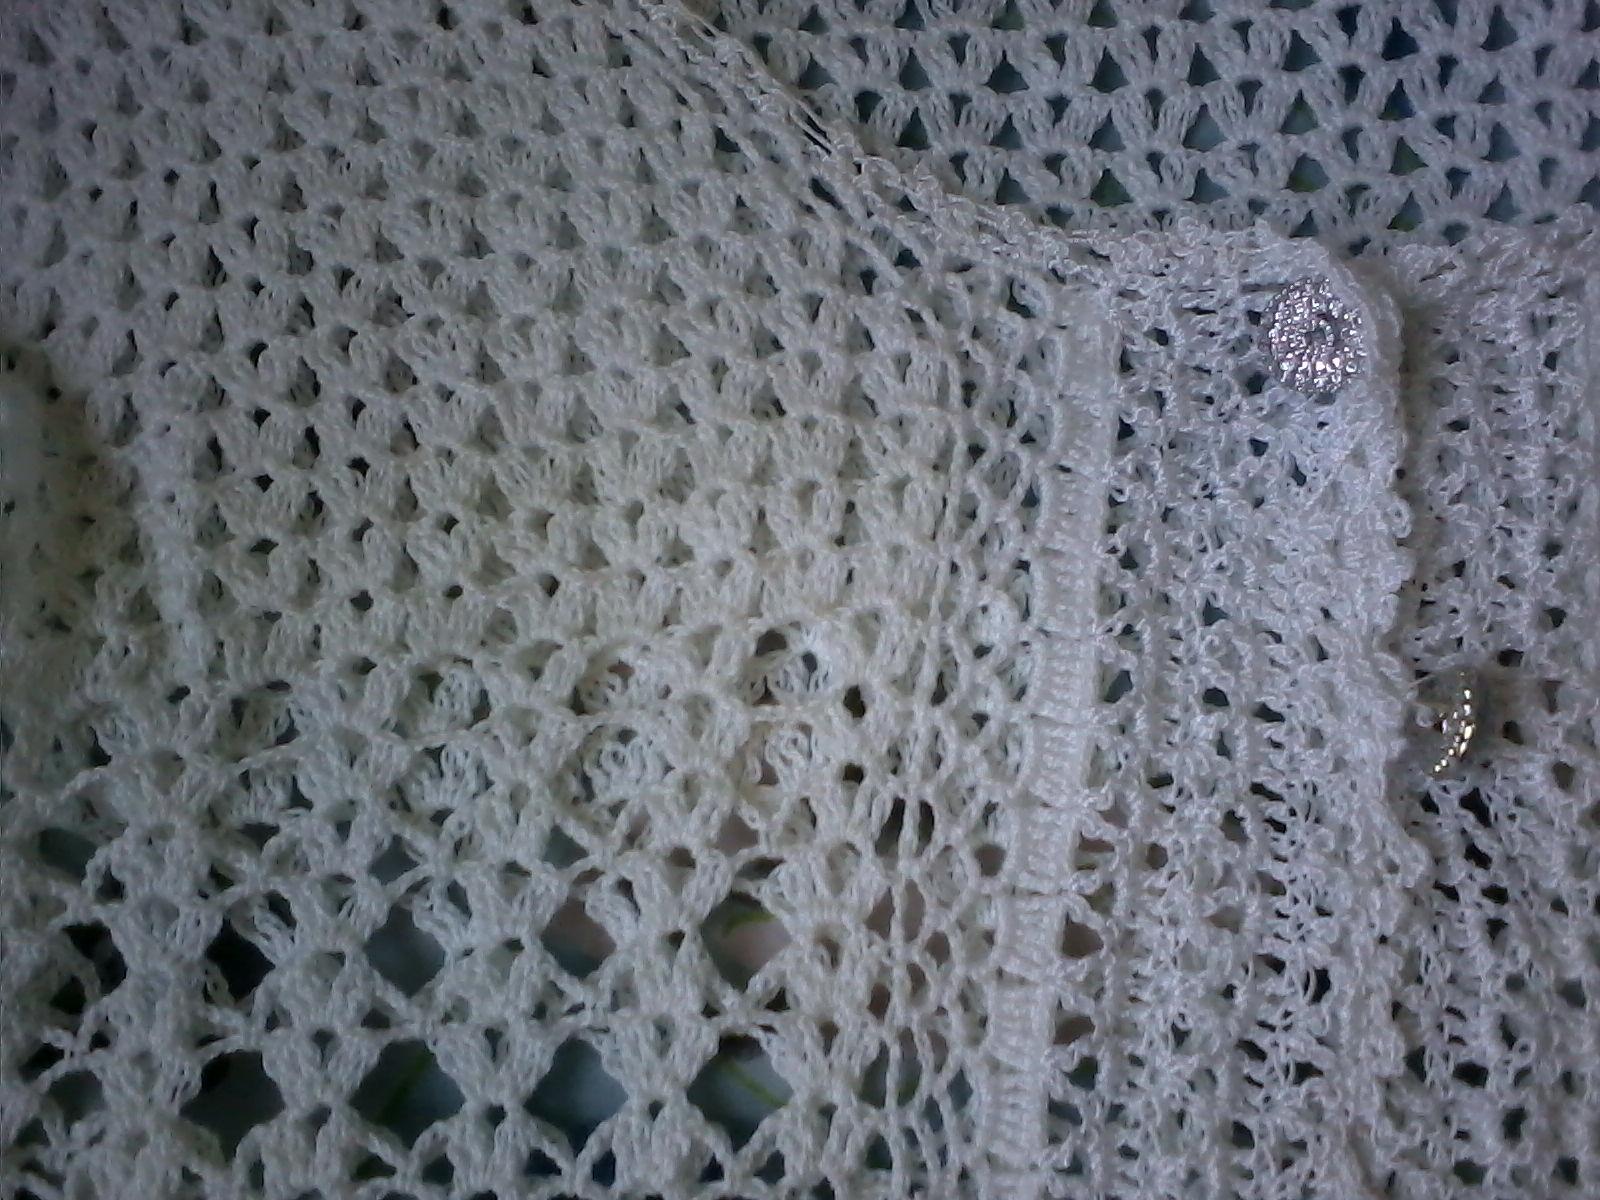 Amo blusas brancas e mamãe veste branco na sexta-feira em homenagem ao  Senhor do Bonfim 6c57f12c0ac